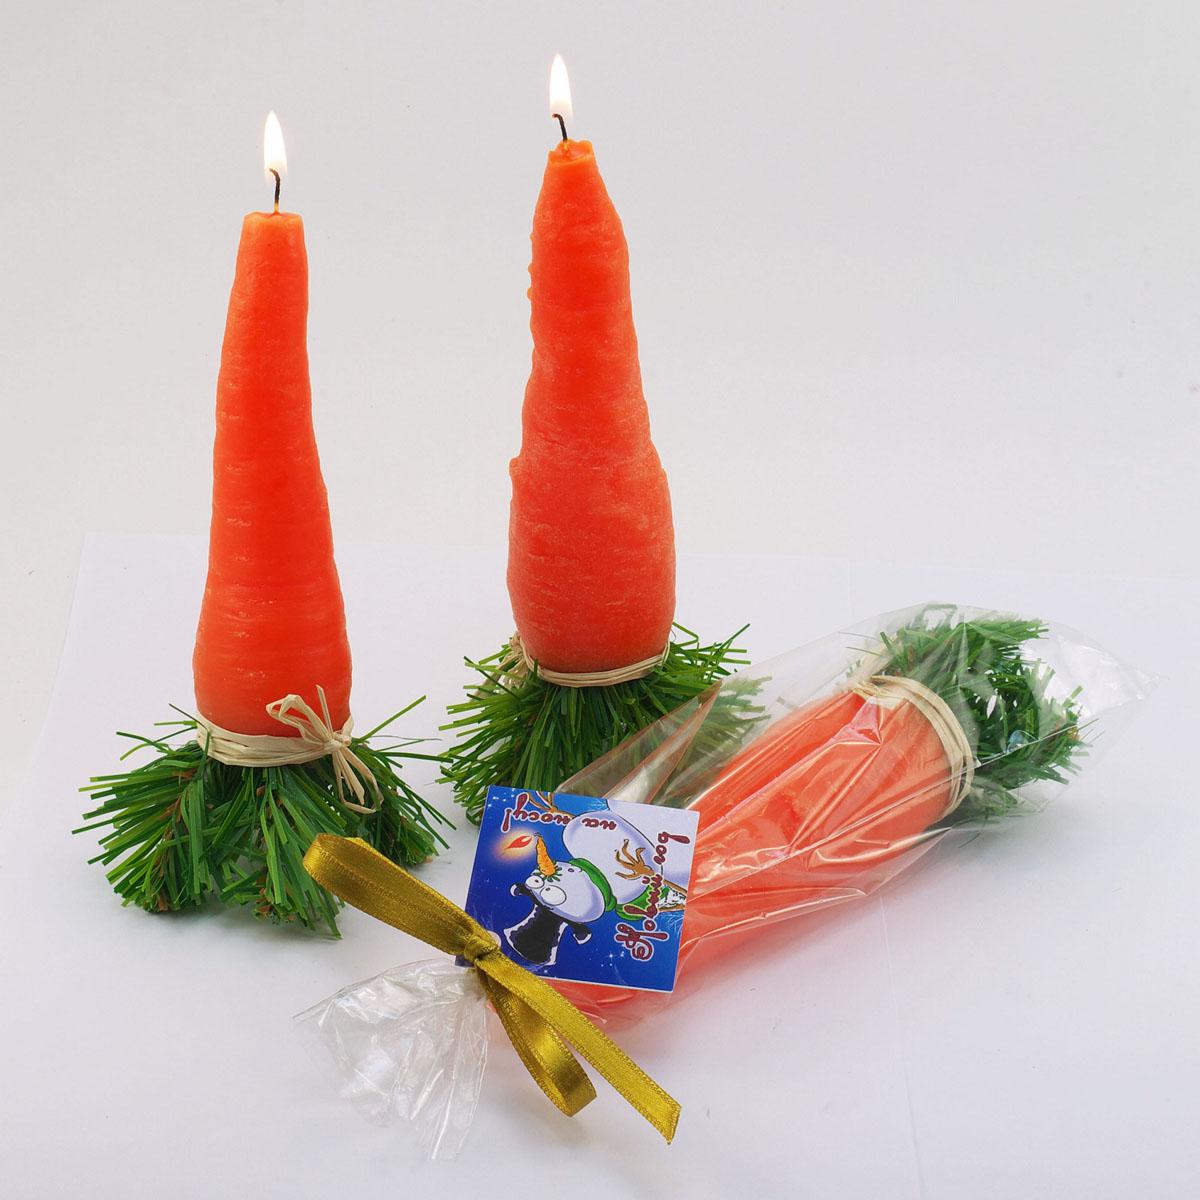 Свеча декоративная Sima-land Нос, цвет: оранжевый, зеленый. 769796769796Свеча декоративная Sima-land Нос - отличный подарок, подчеркивающий яркую индивидуальность того, кому он предназначается. Изделие выполнено из высококачественного парафина в форме морковки с елочными веточками. Такая свеча украсит интерьер вашего дома или офиса в преддверии Нового года. Оригинальный дизайн и красочное исполнение создадут праздничное настроение. Материал: парафин. Размер свечи (без учета фитиля): 17 см х 4 см х 4 см.